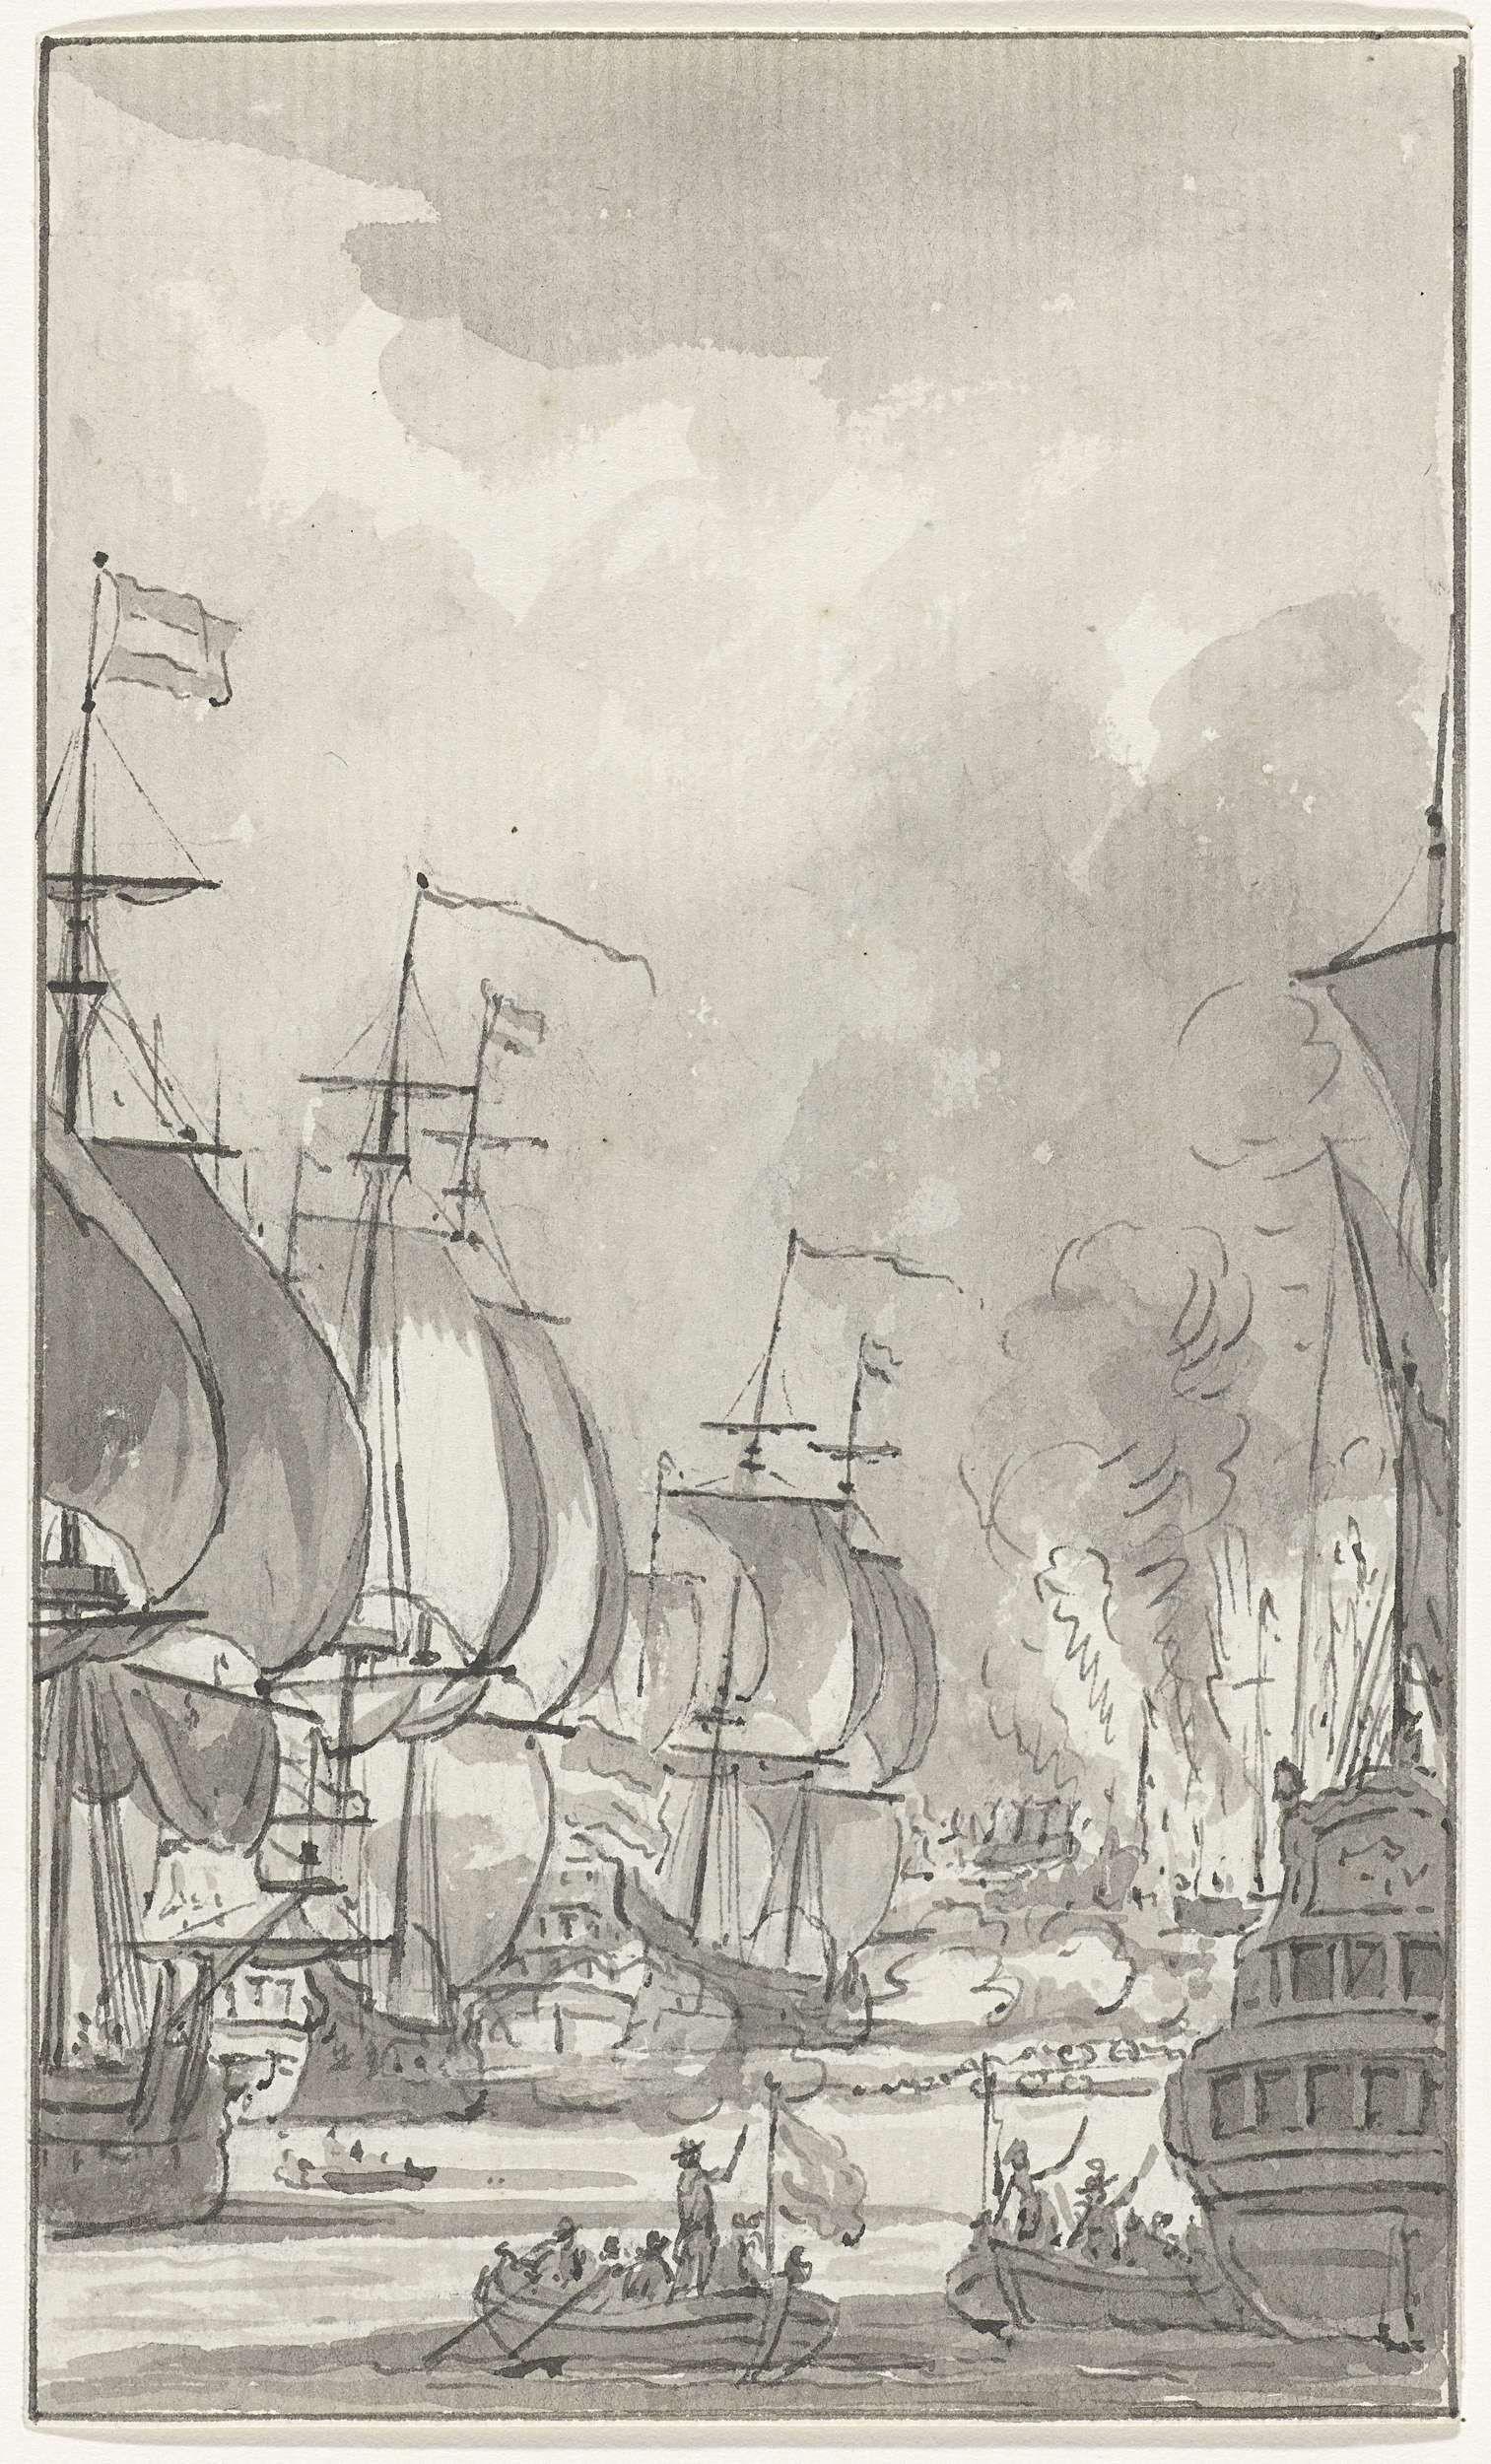 Jacobus Buys | Het overvaren van de ketting in de Medway, 1667, Jacobus Buys, 1788 | Het overvaren van de ketting in de Medway door kapitein Jan van Brakel met zijn schip de Vreede en de branders Suzanna en Pro Patria, 22 juni 1667. Episode uit de tocht naar Chatham en de vernietiging van de Engelse vloot op 20-23 juni 1667 door de Hollandse vloot onder De Ruyter.